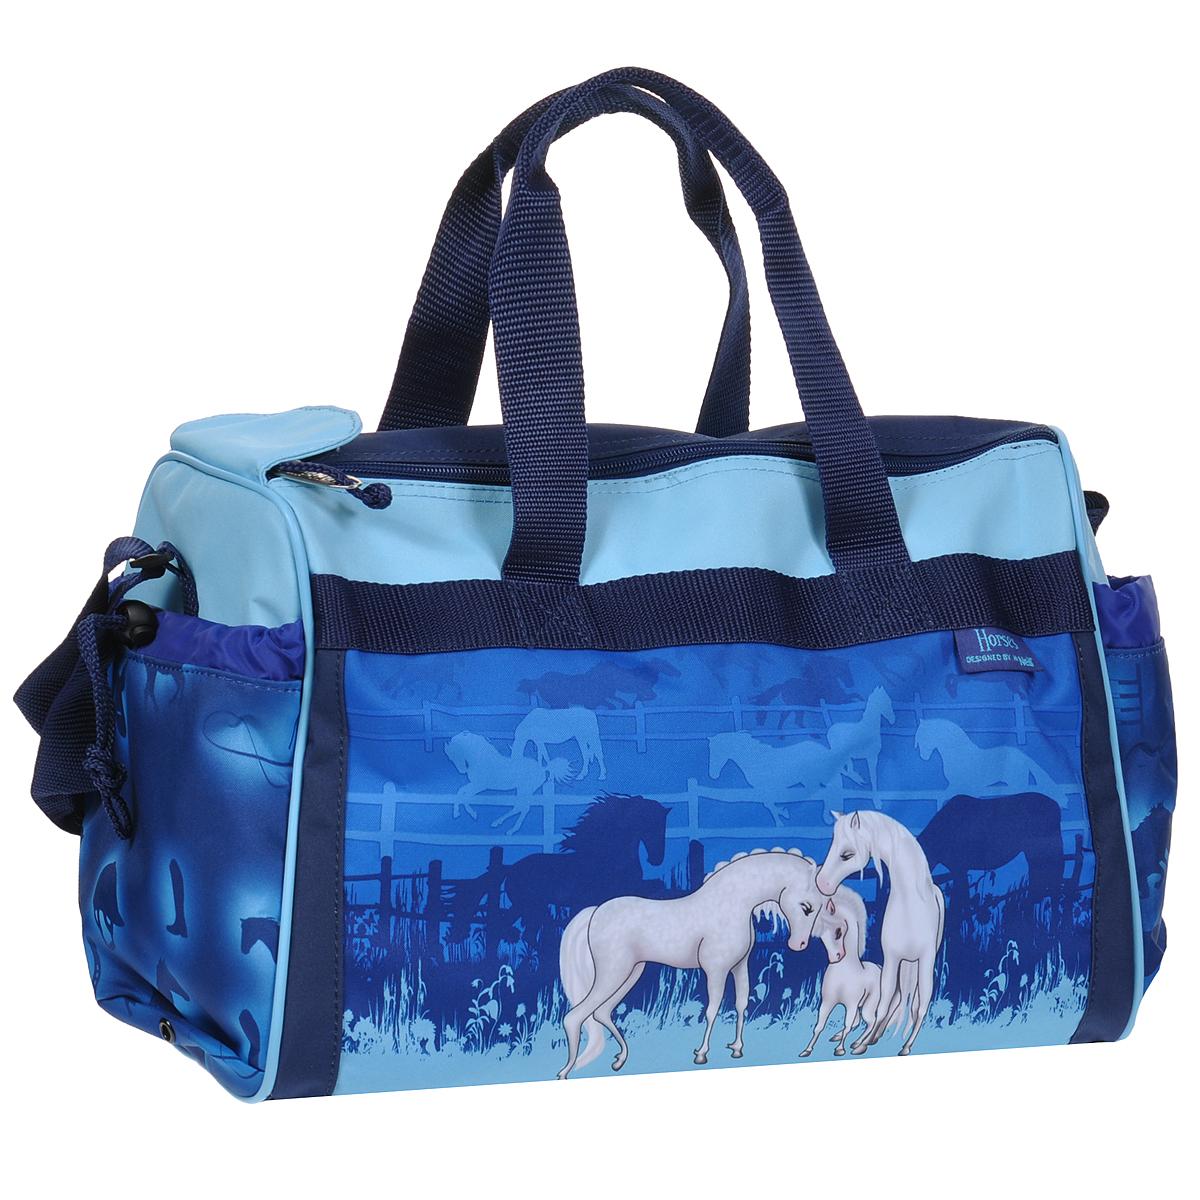 Купить Сумка спортивная детская Take It Easy Лошади , цвет: синий, голубой, Thorka